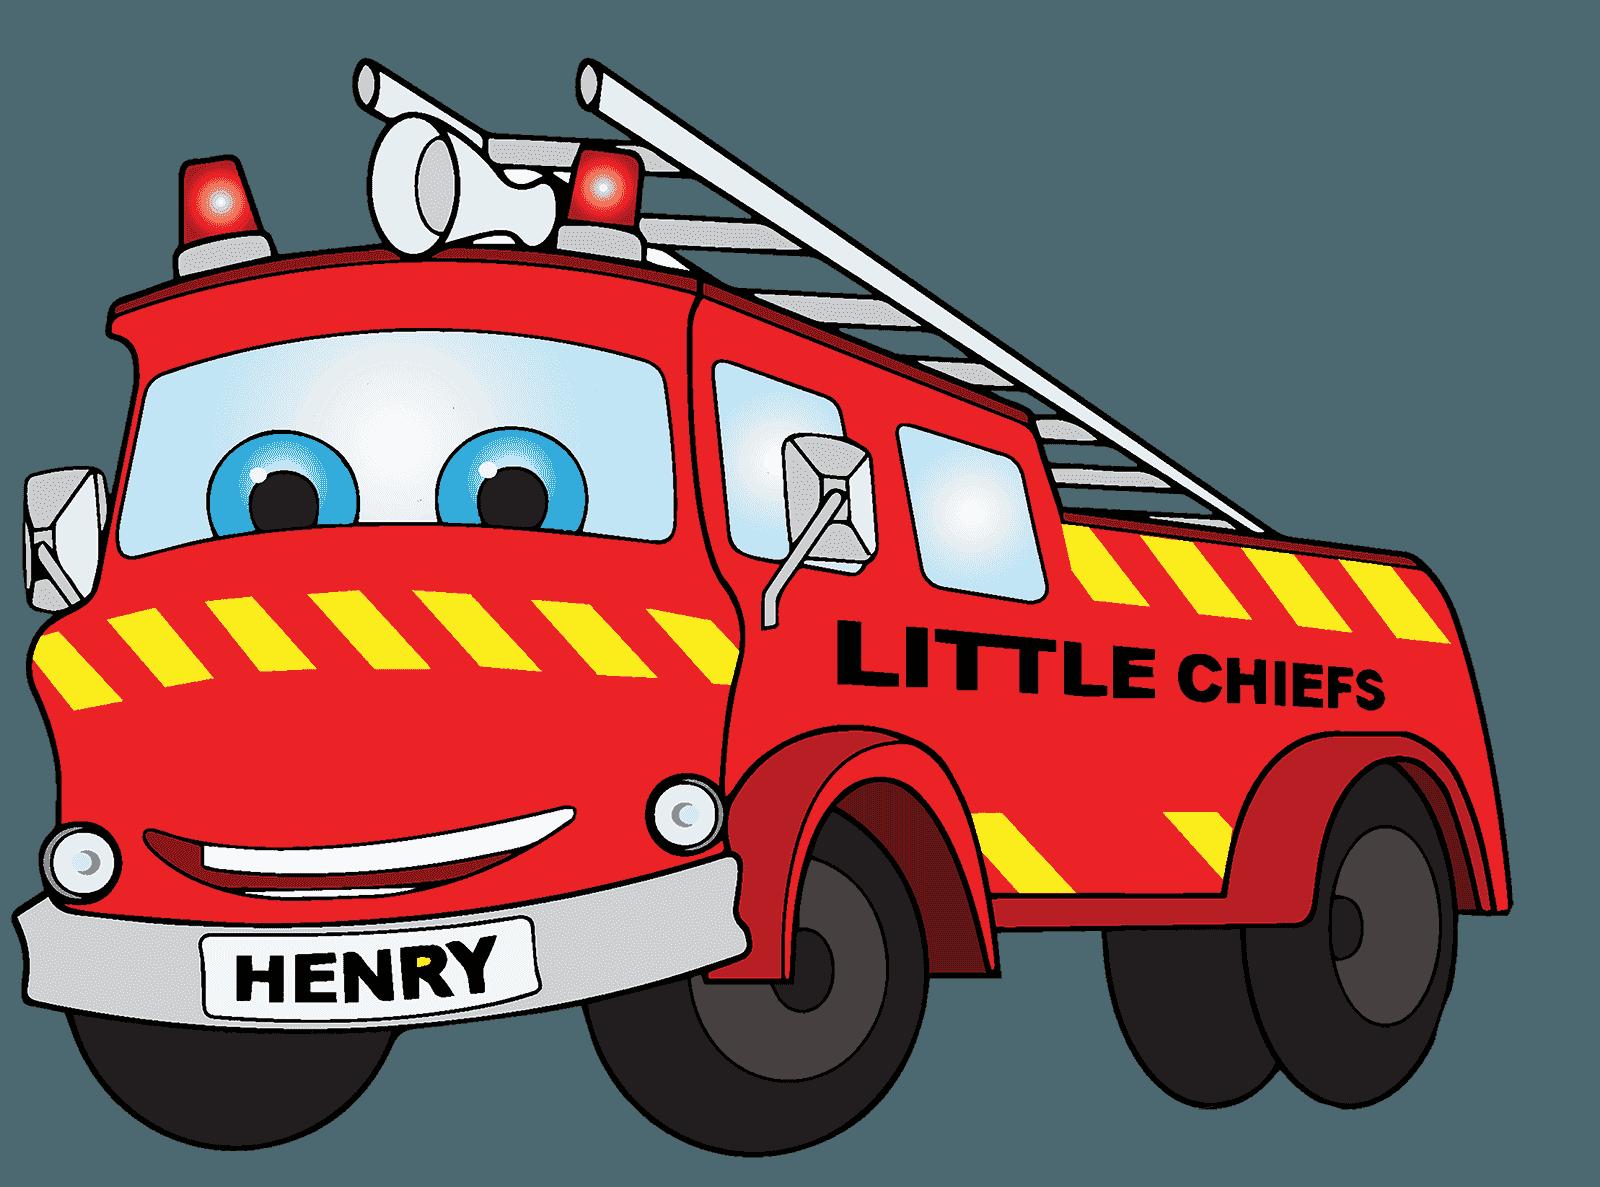 clipart freeuse Firetruck clipart. Little chiefs fire service